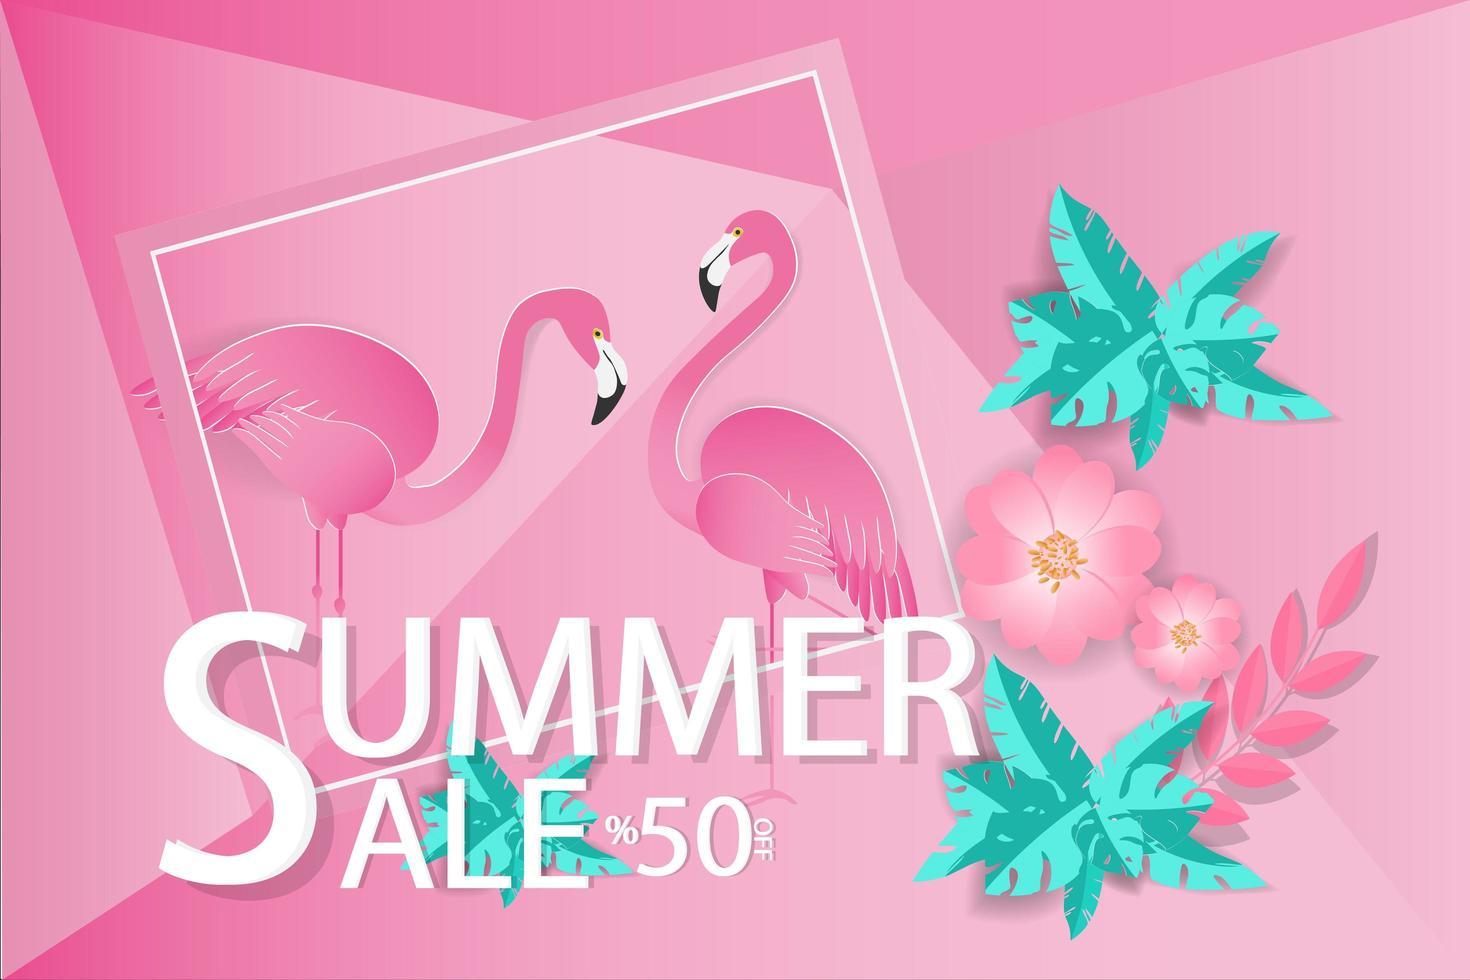 Sommerverkaufsdesign mit Flamingos vektor